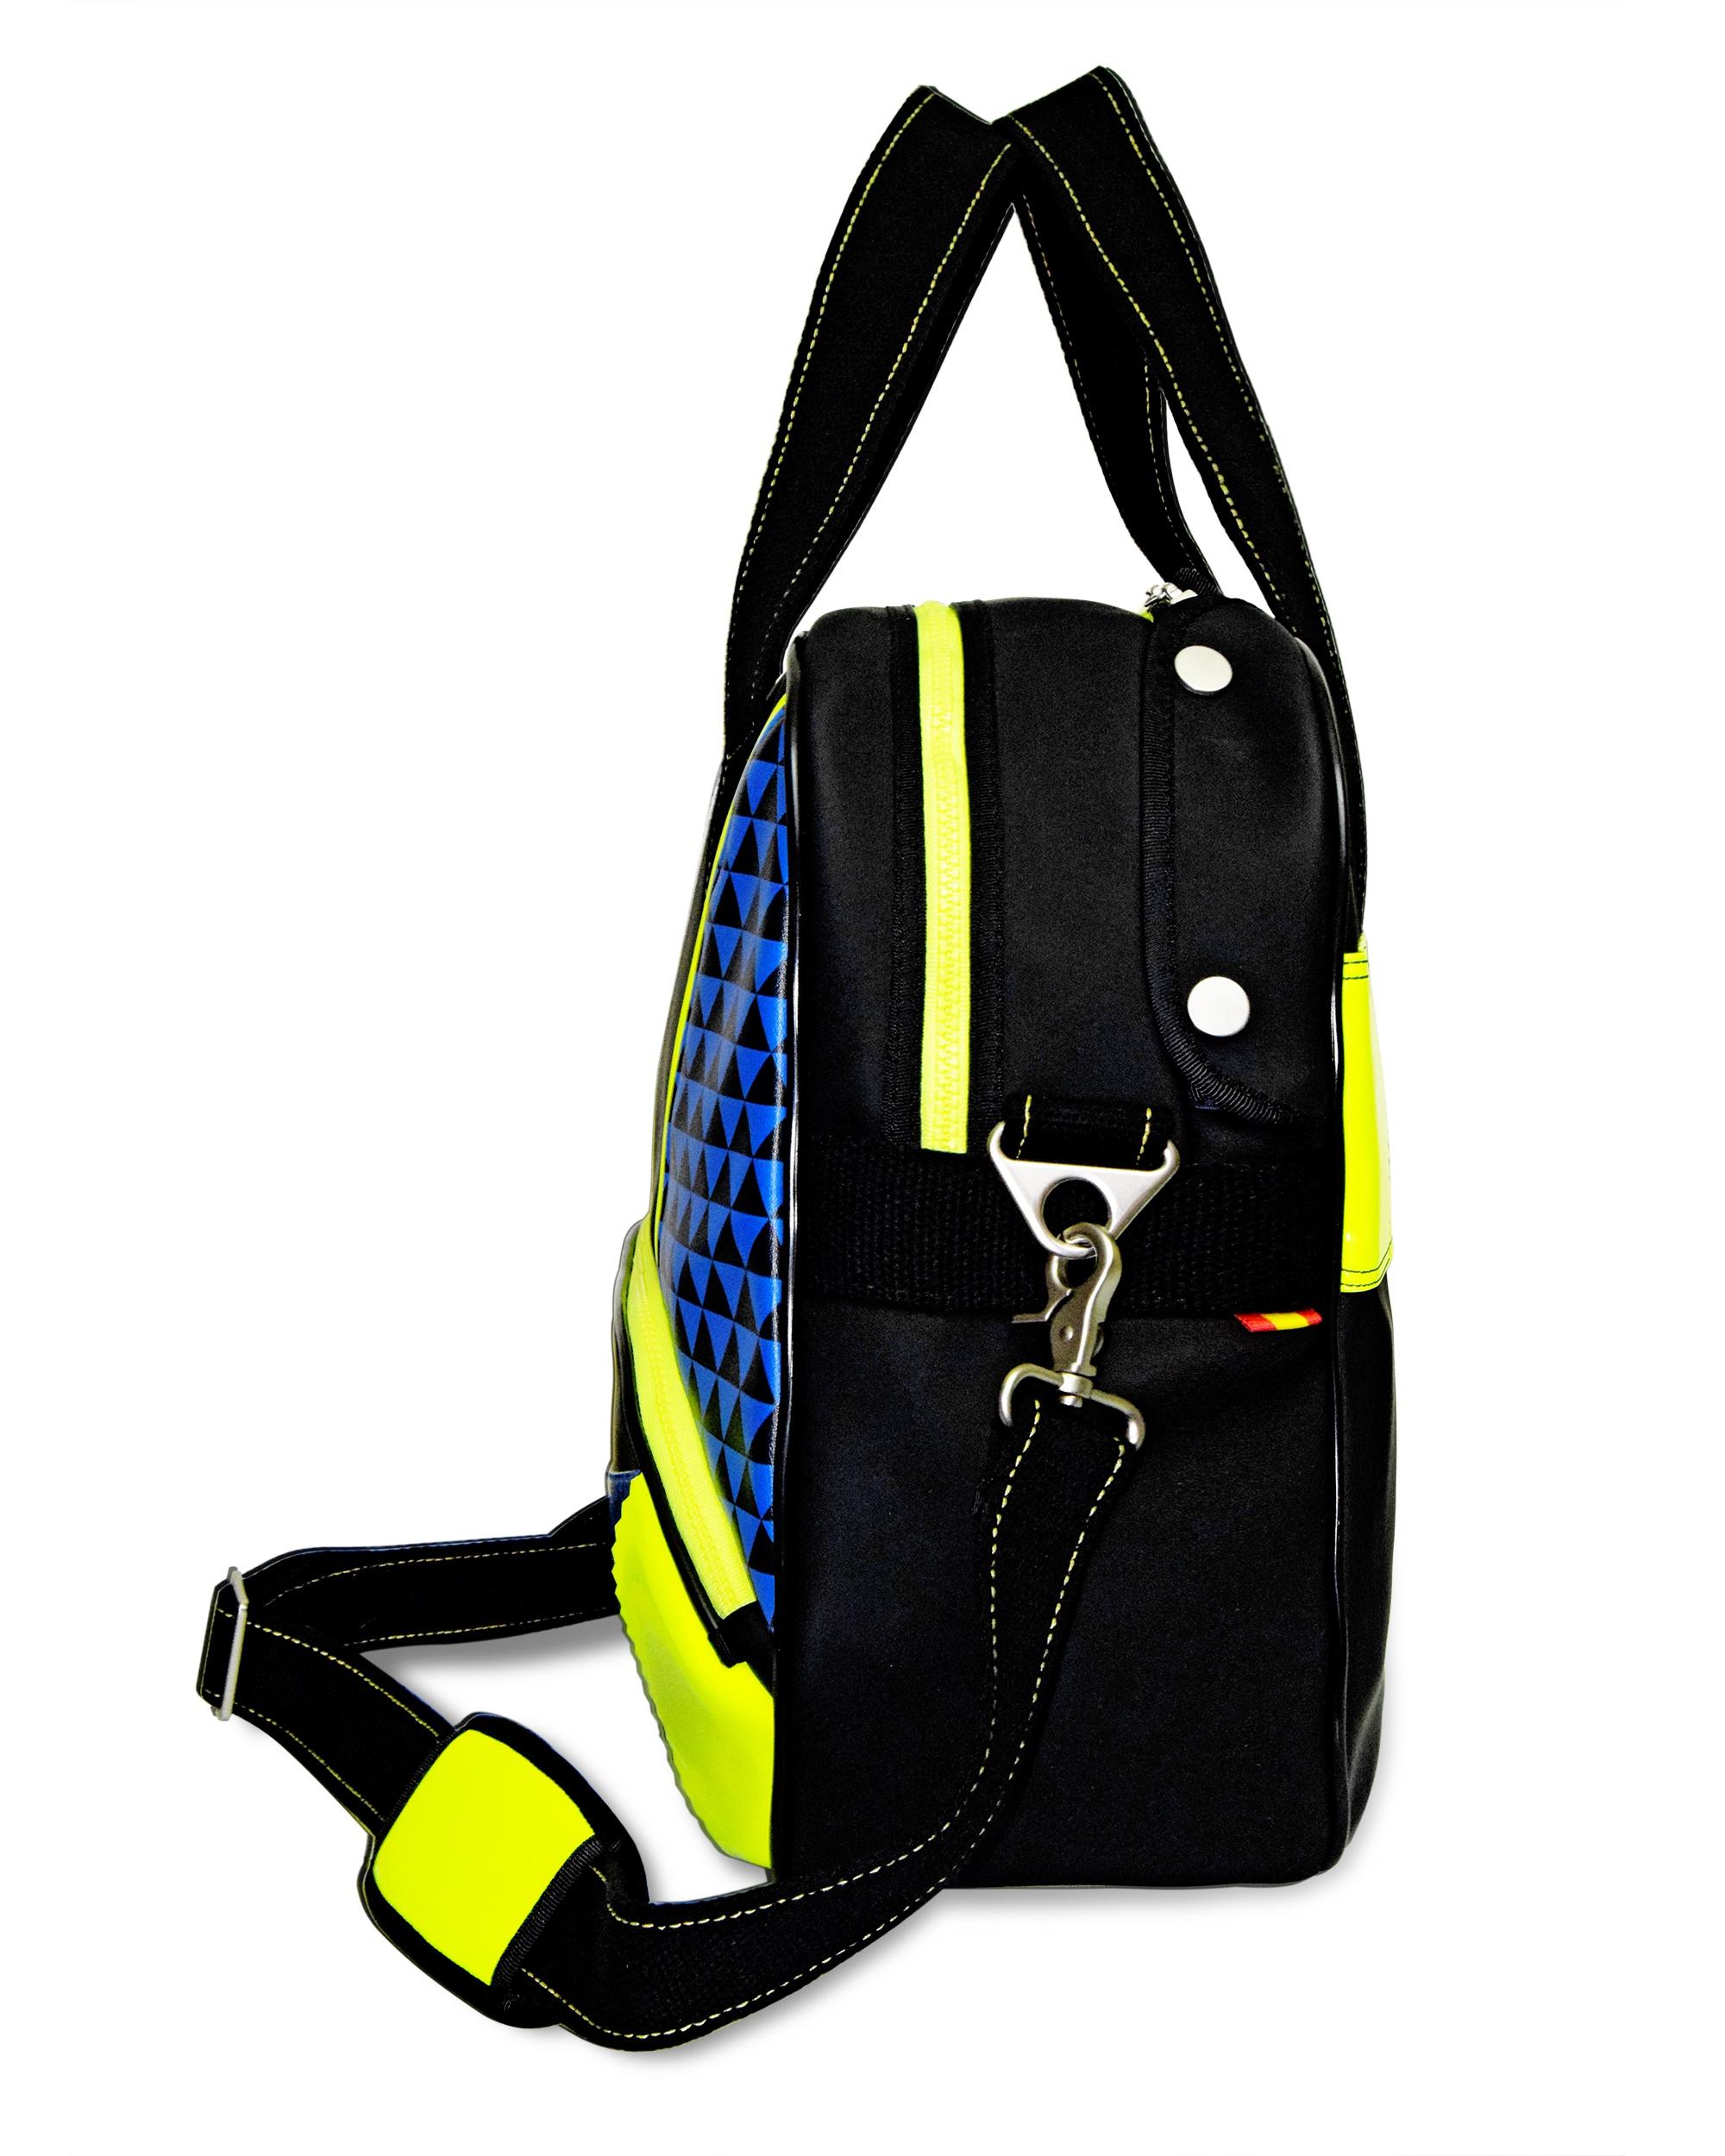 da62b9a54dec Designer Tennis Bag Reviews. Designer tennis bags for women - Pursuitist